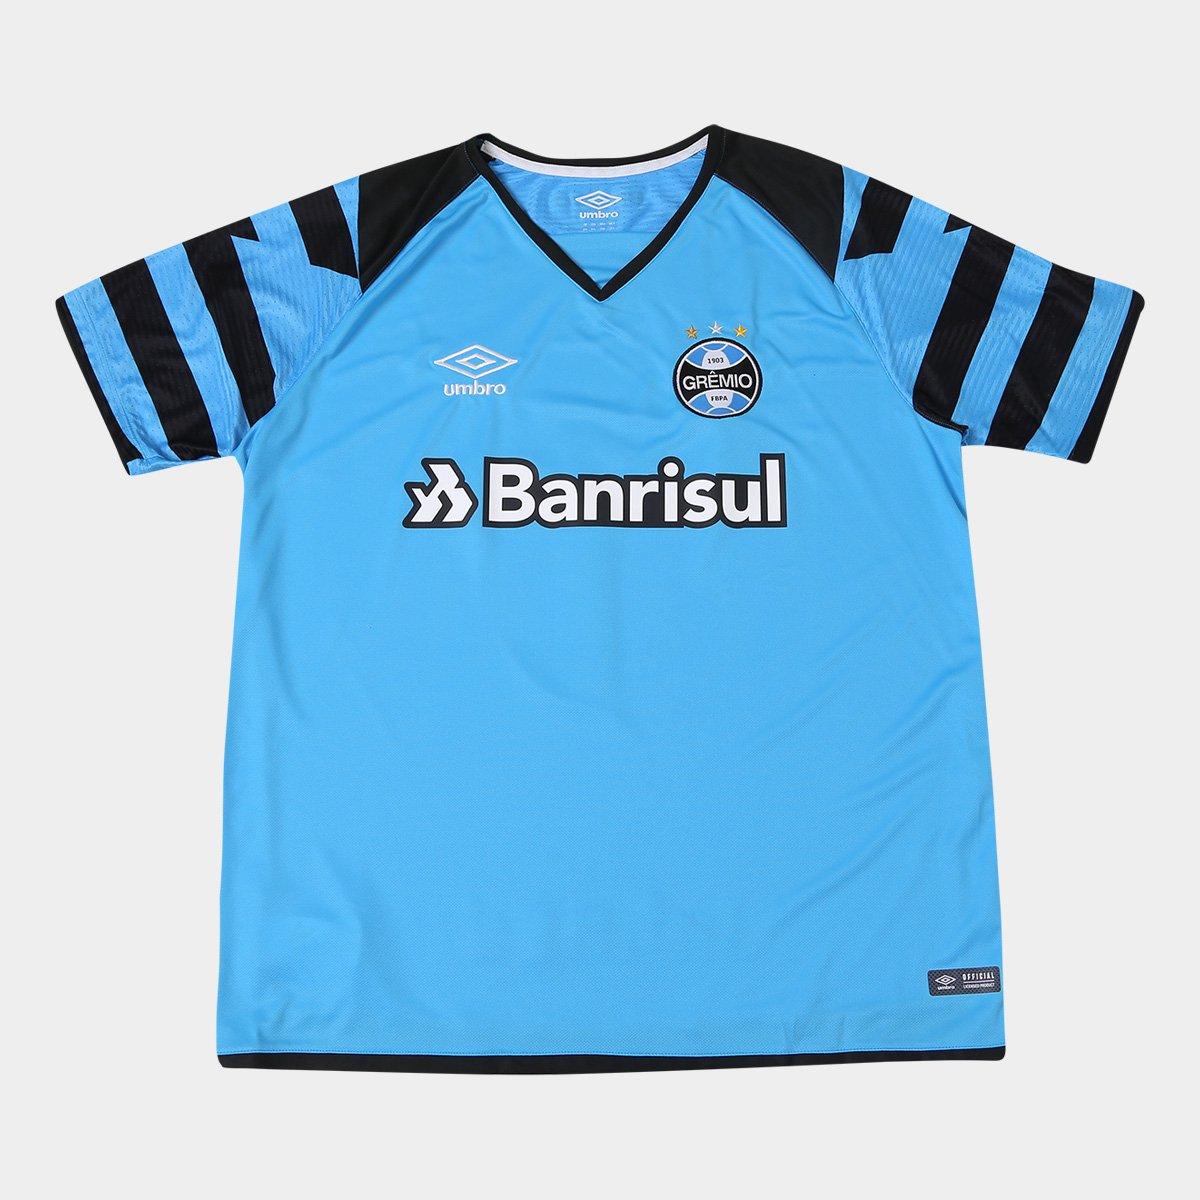 e2aad1f0d Camisa Grêmio Goleiro 17 18 nº 1 - Torcedor Umbro Masculina - Compre Agora